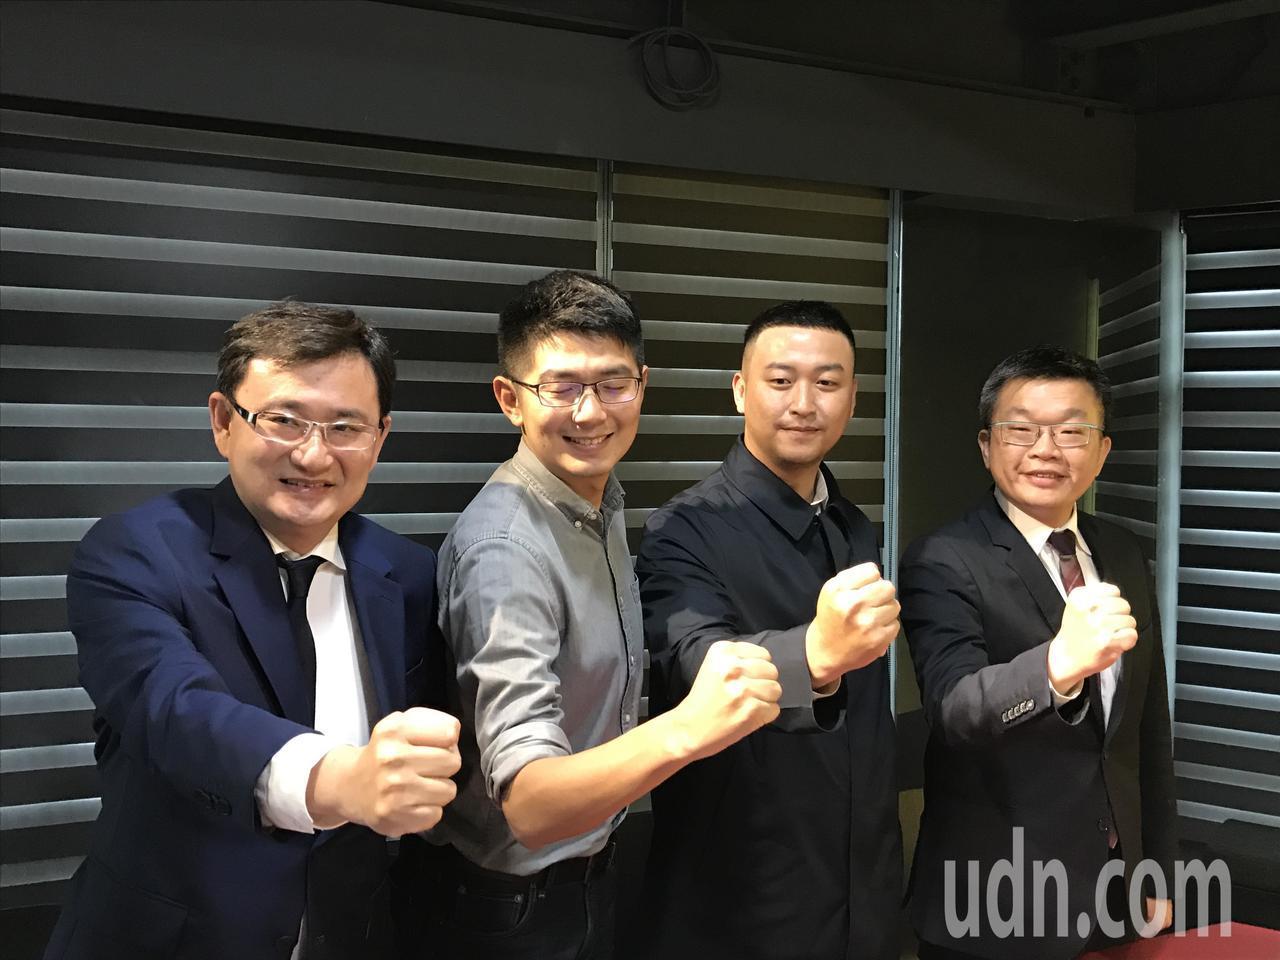 台中市西區昇平里長蕭行凱(右二)宣布退選,同選區的黃守達(左二)表示感謝,新系立...